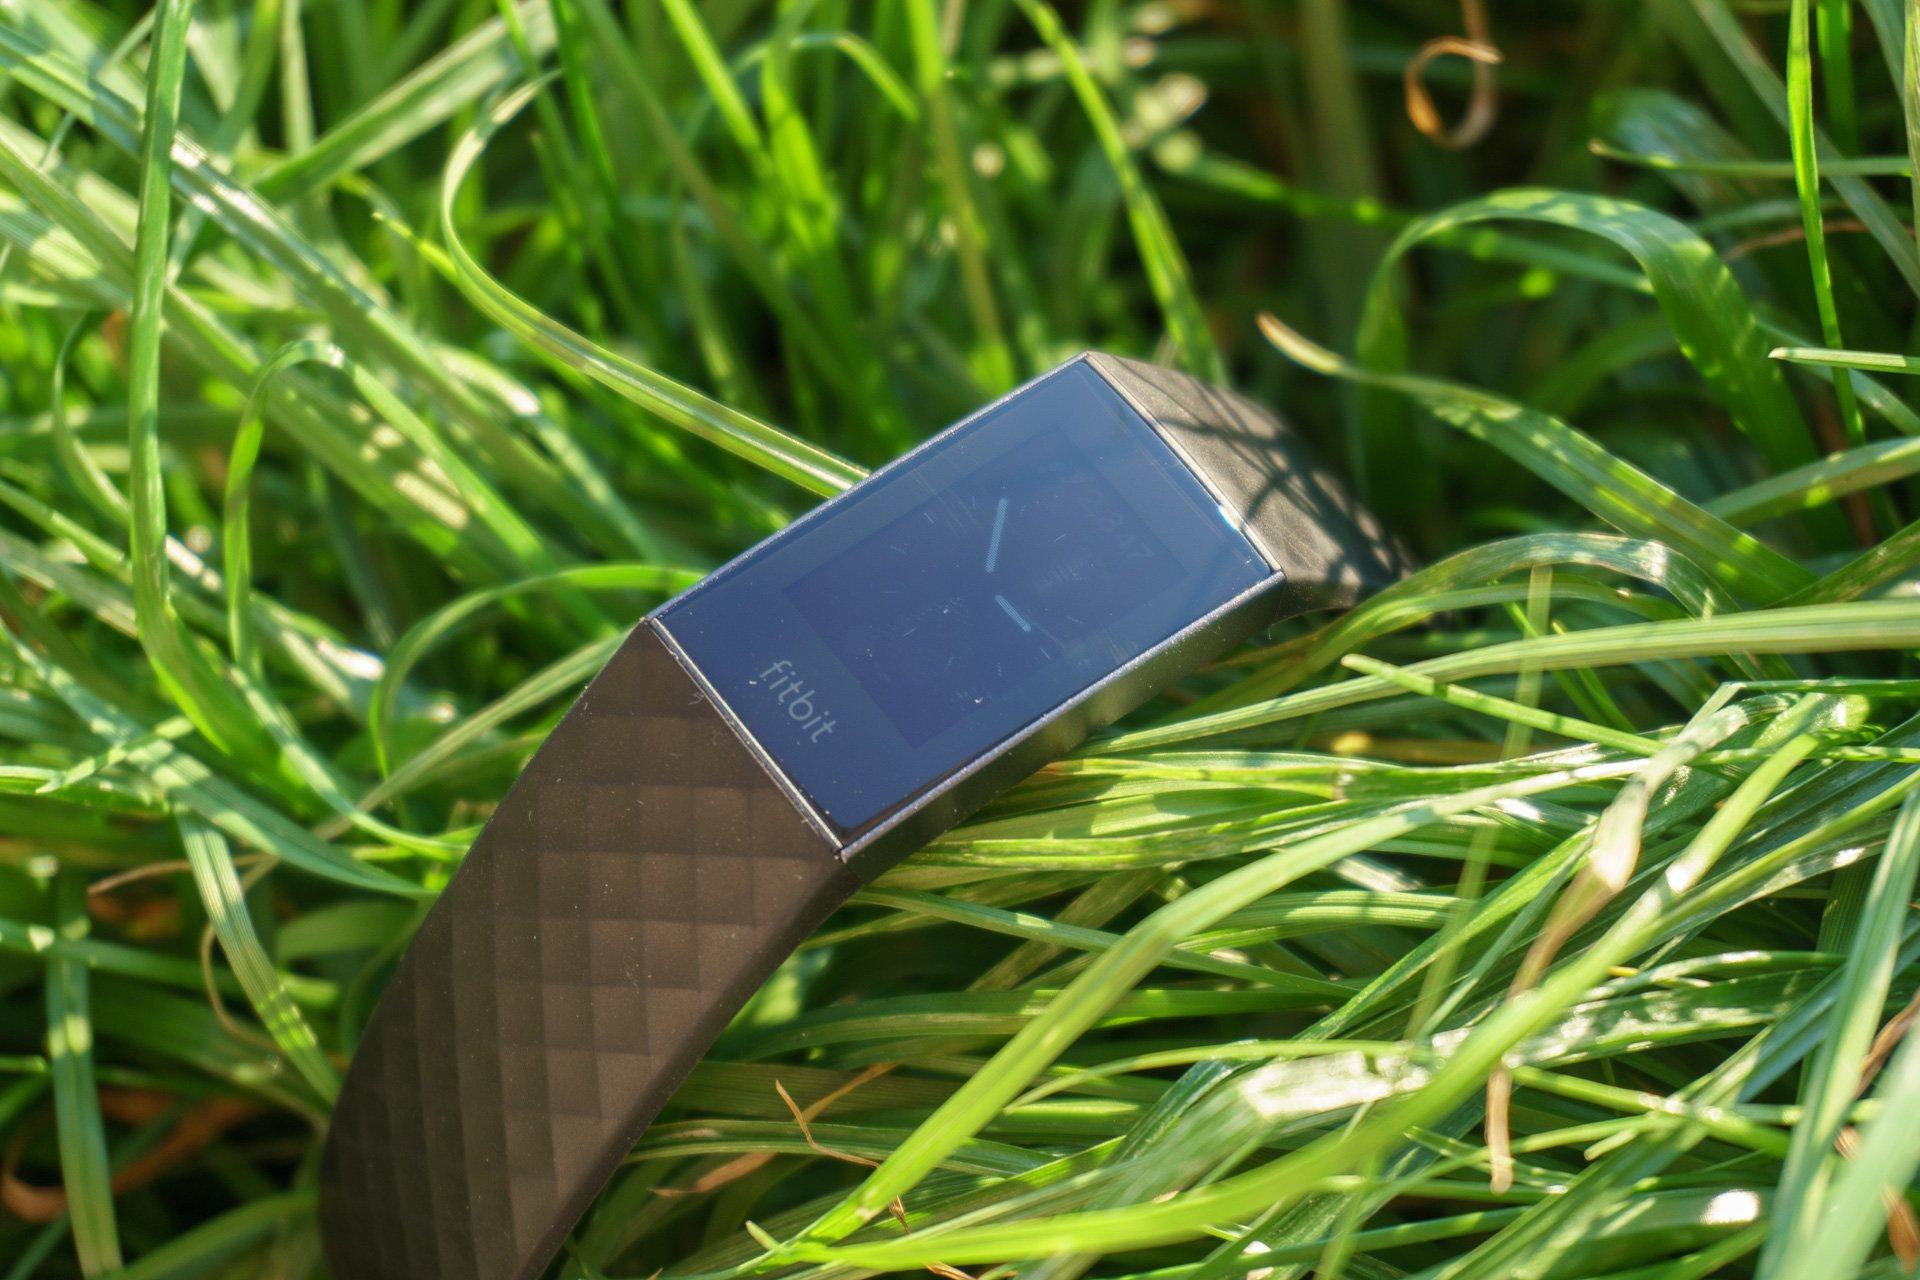 Recenzja Fitbit Charge 3 - w oczekiwaniu na nowe funkcje 22